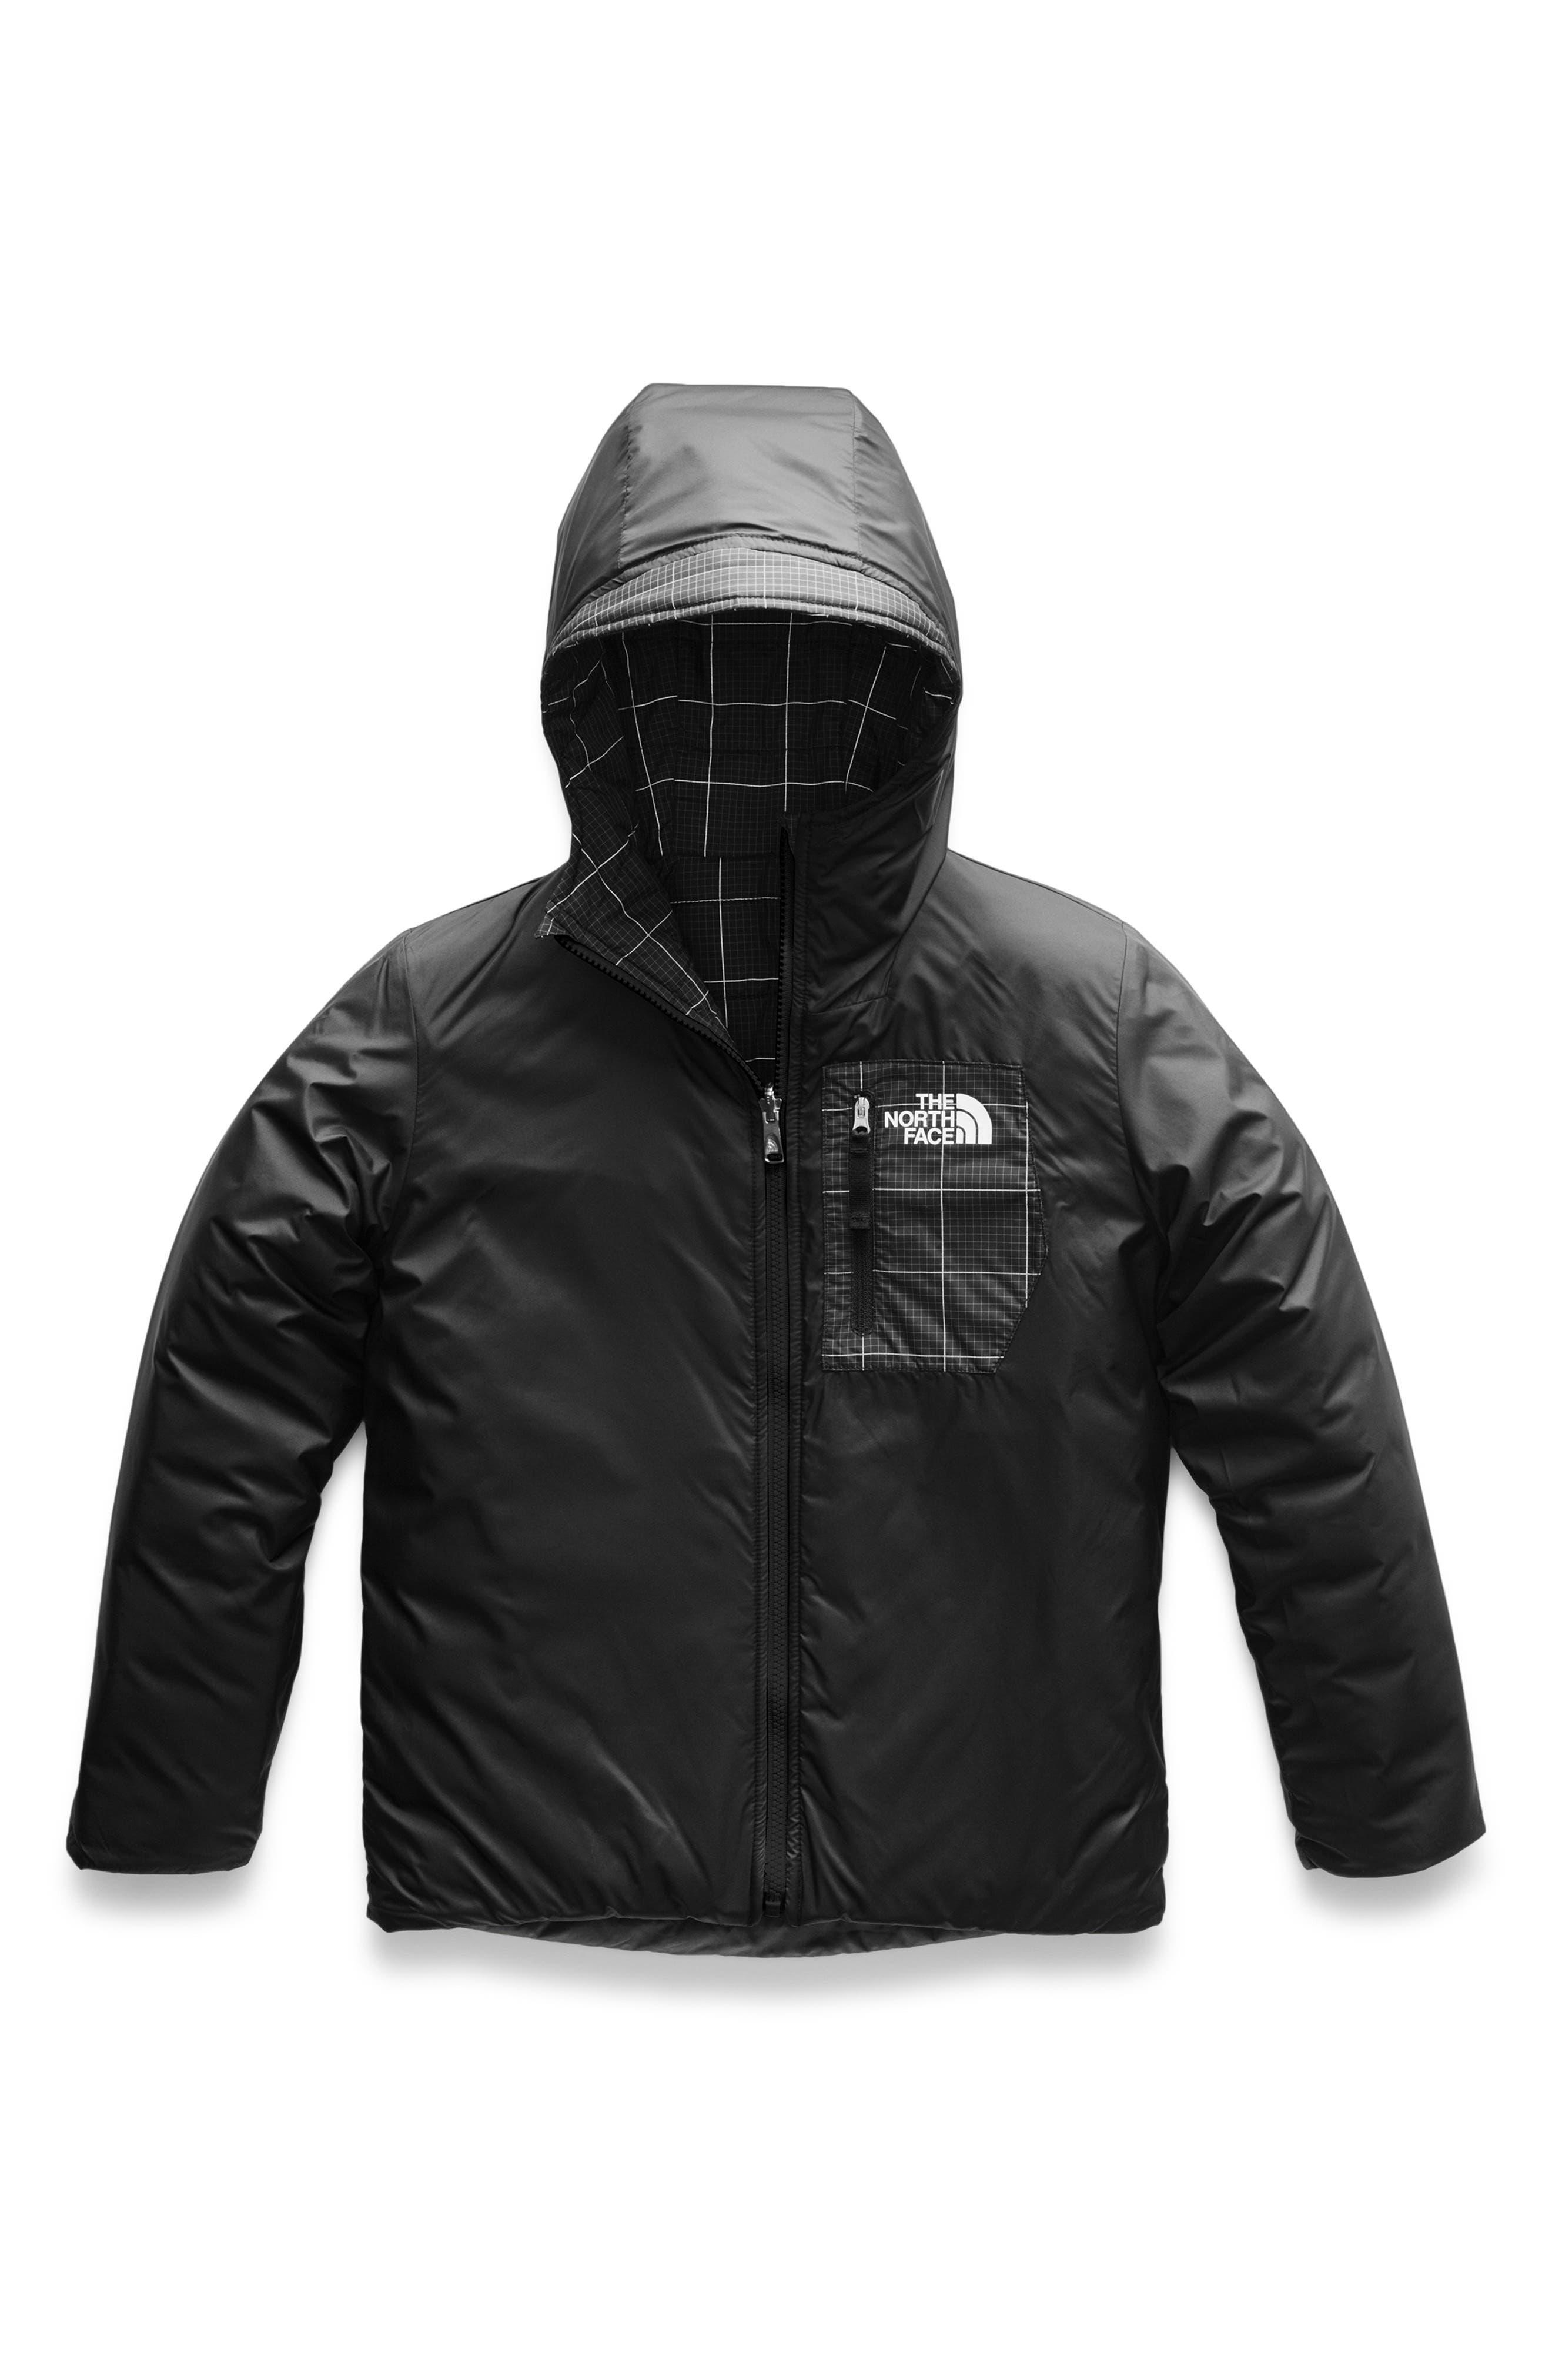 Perrito Reversible Water Resistant Jacket,                             Alternate thumbnail 2, color,                             001